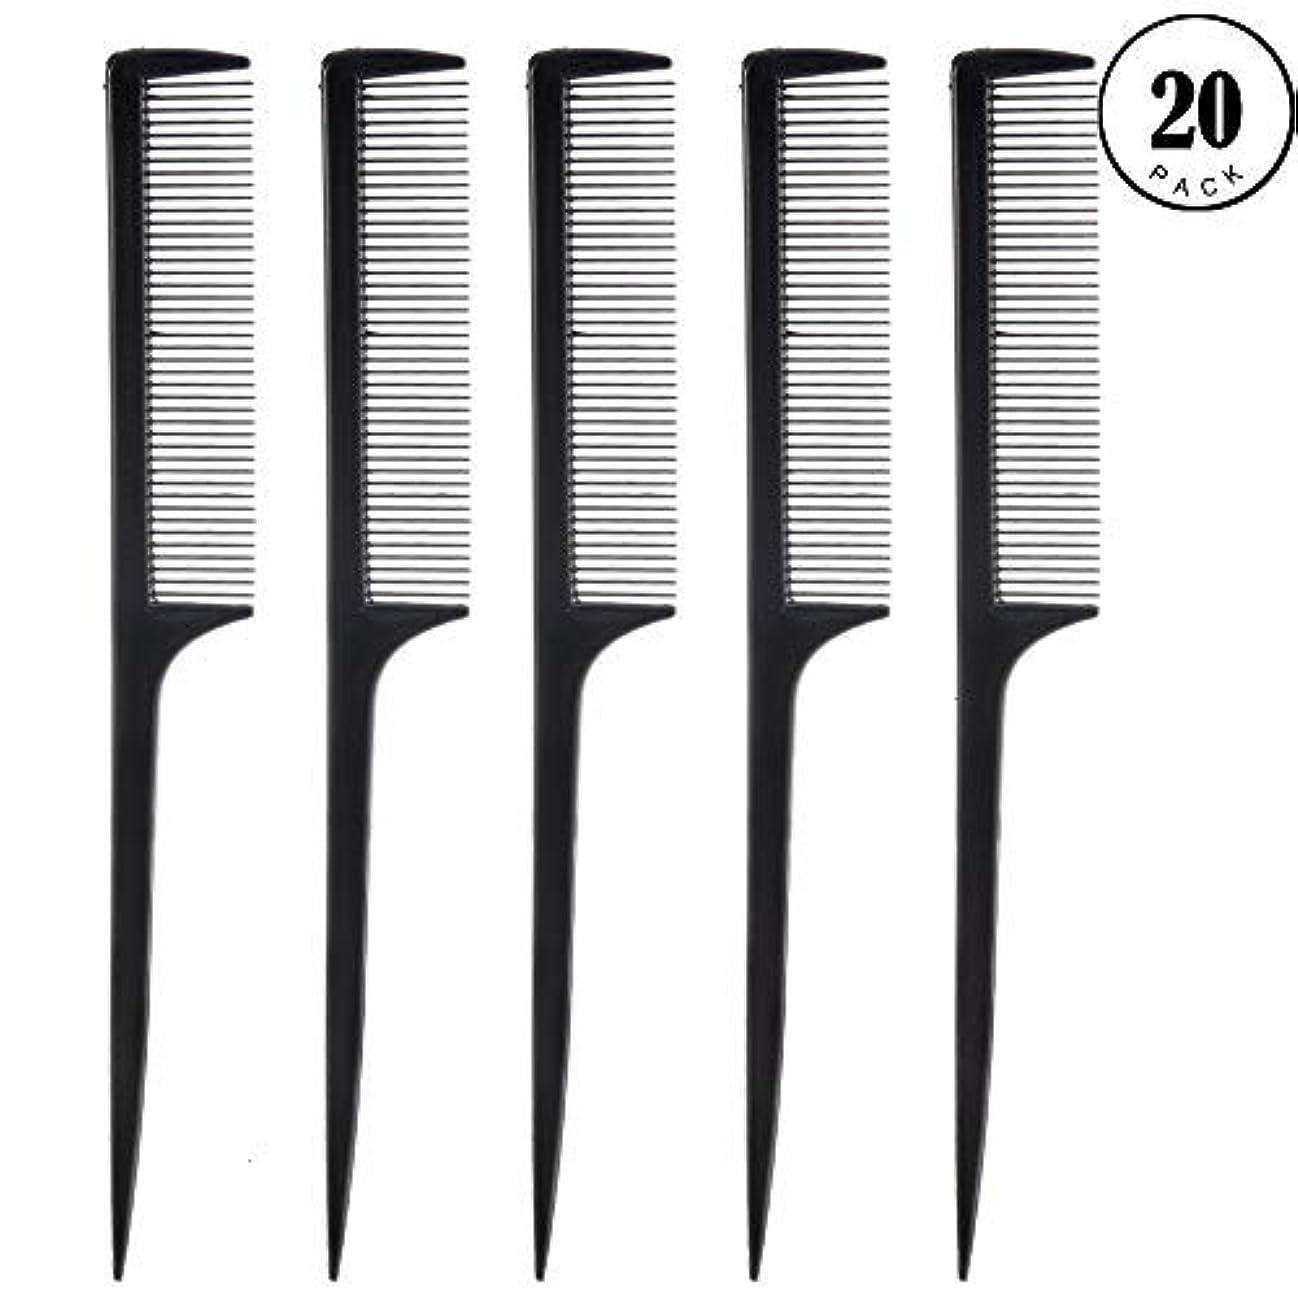 断言する忠実に奇妙なFeeko Comb, 20 Pieces 21CM Plastic Lightweight Rat Tail Comb All Hair Types Black [並行輸入品]